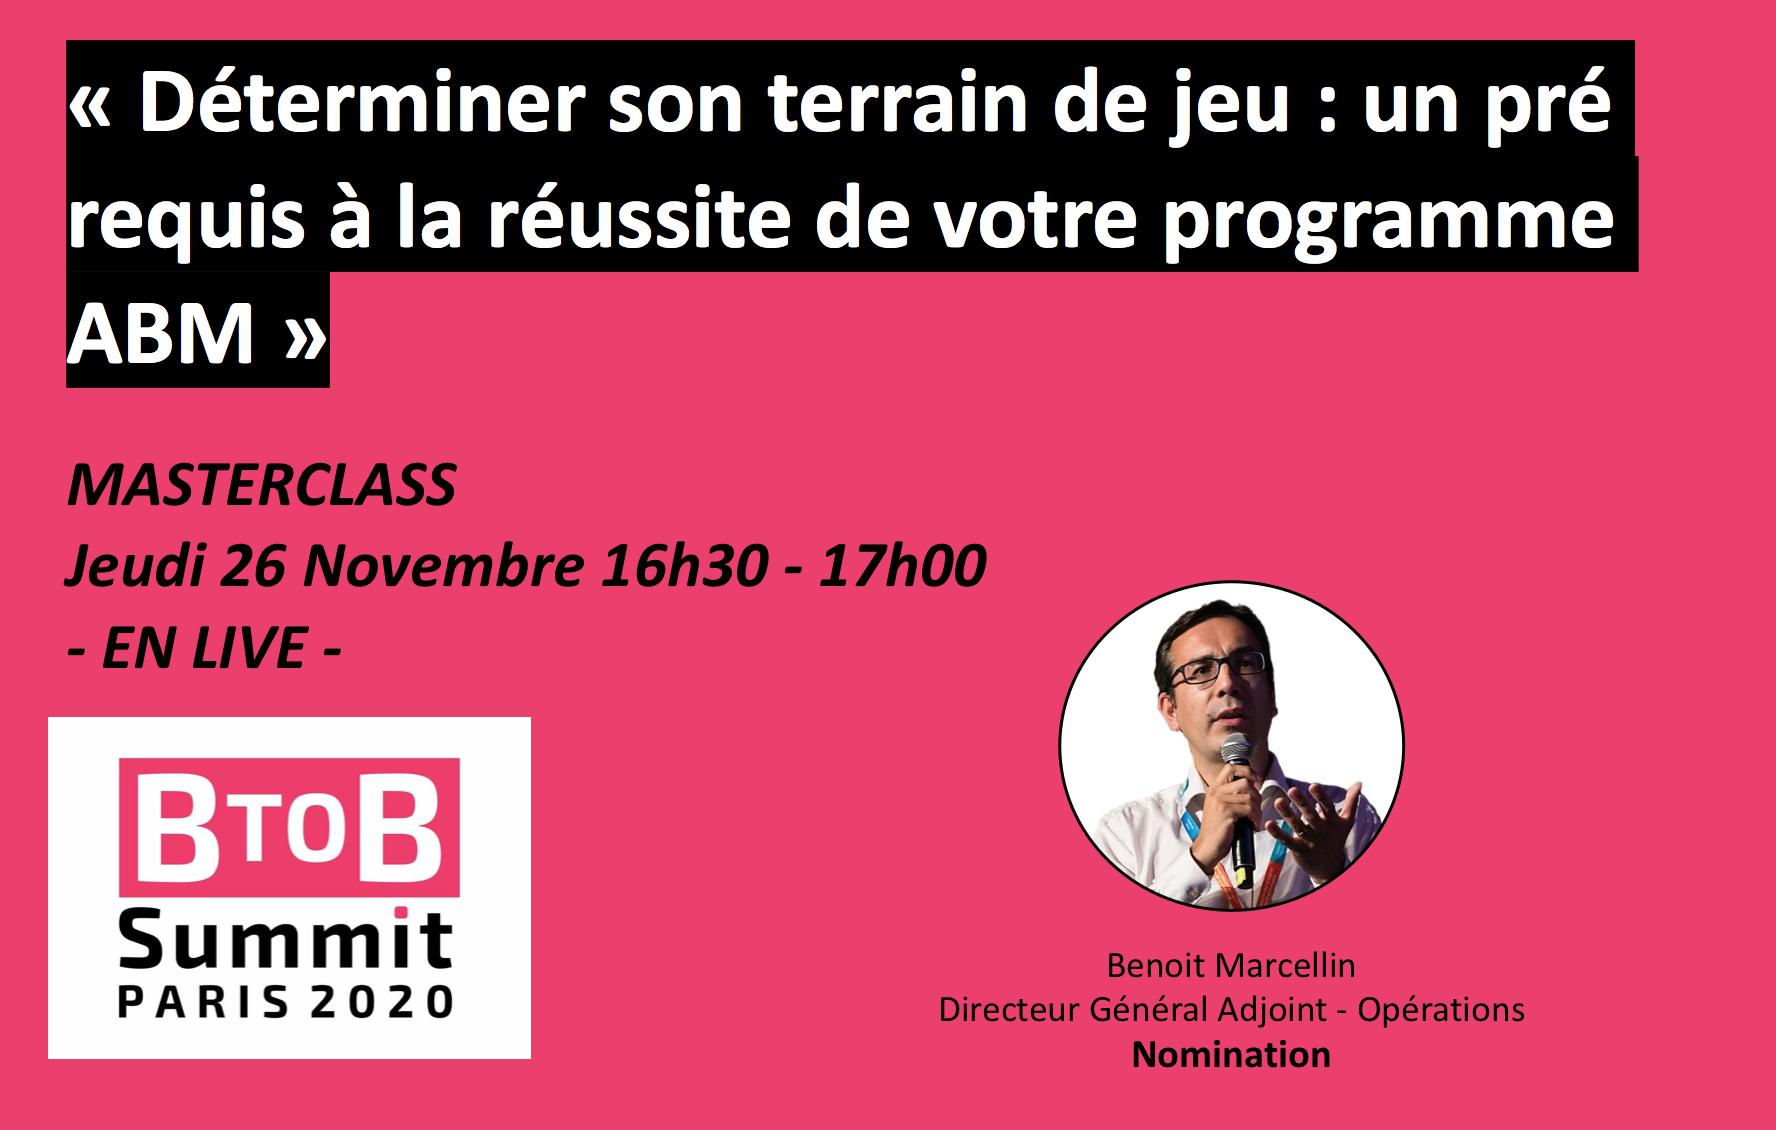 Évènement MasterClass ABM – BtoB Summit 2020 Nomination